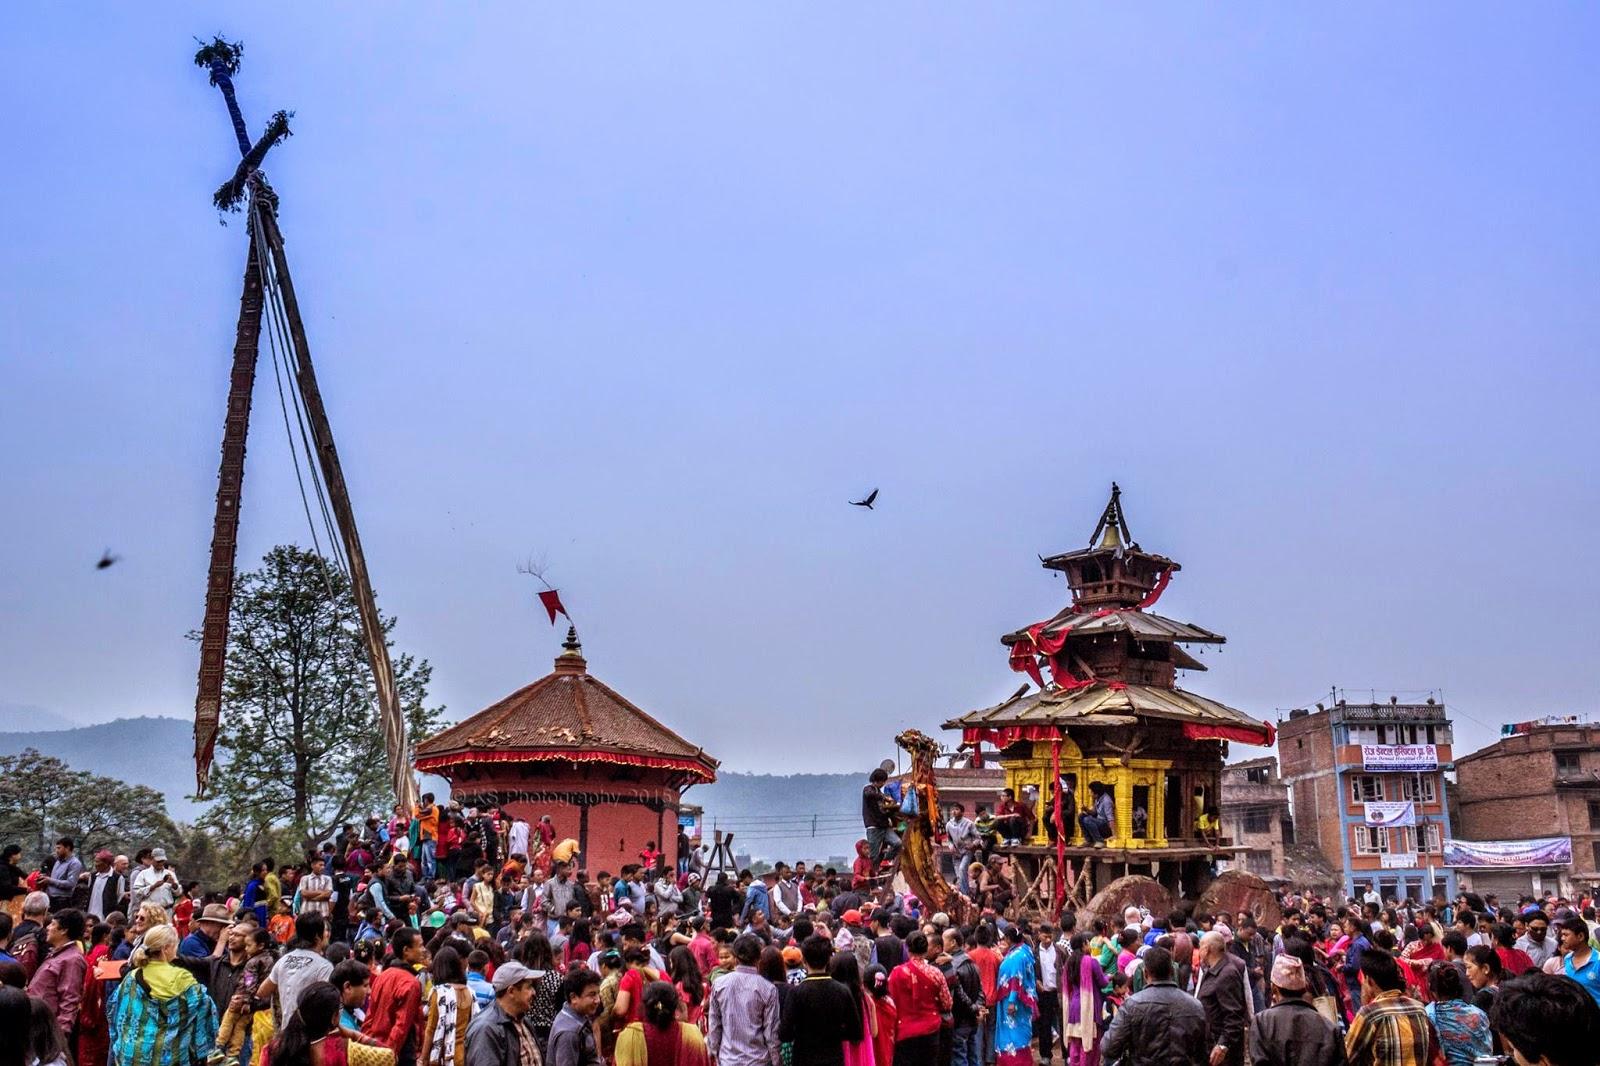 https://www.bhaktapur.com/wp-content/uploads/2020/03/bisketjatra-1.jpg